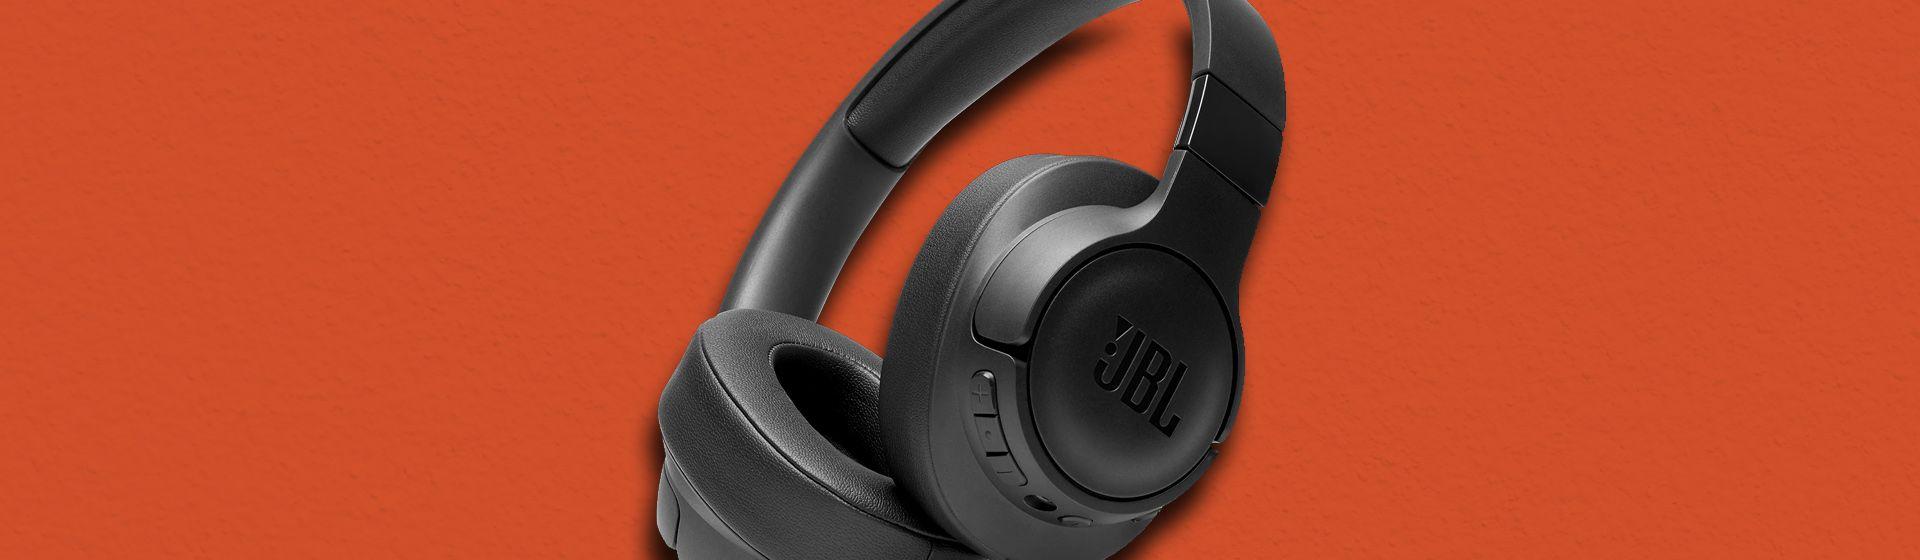 JBL 750BT NC: novo headphone com cancelamento de ruído chega ao Brasil